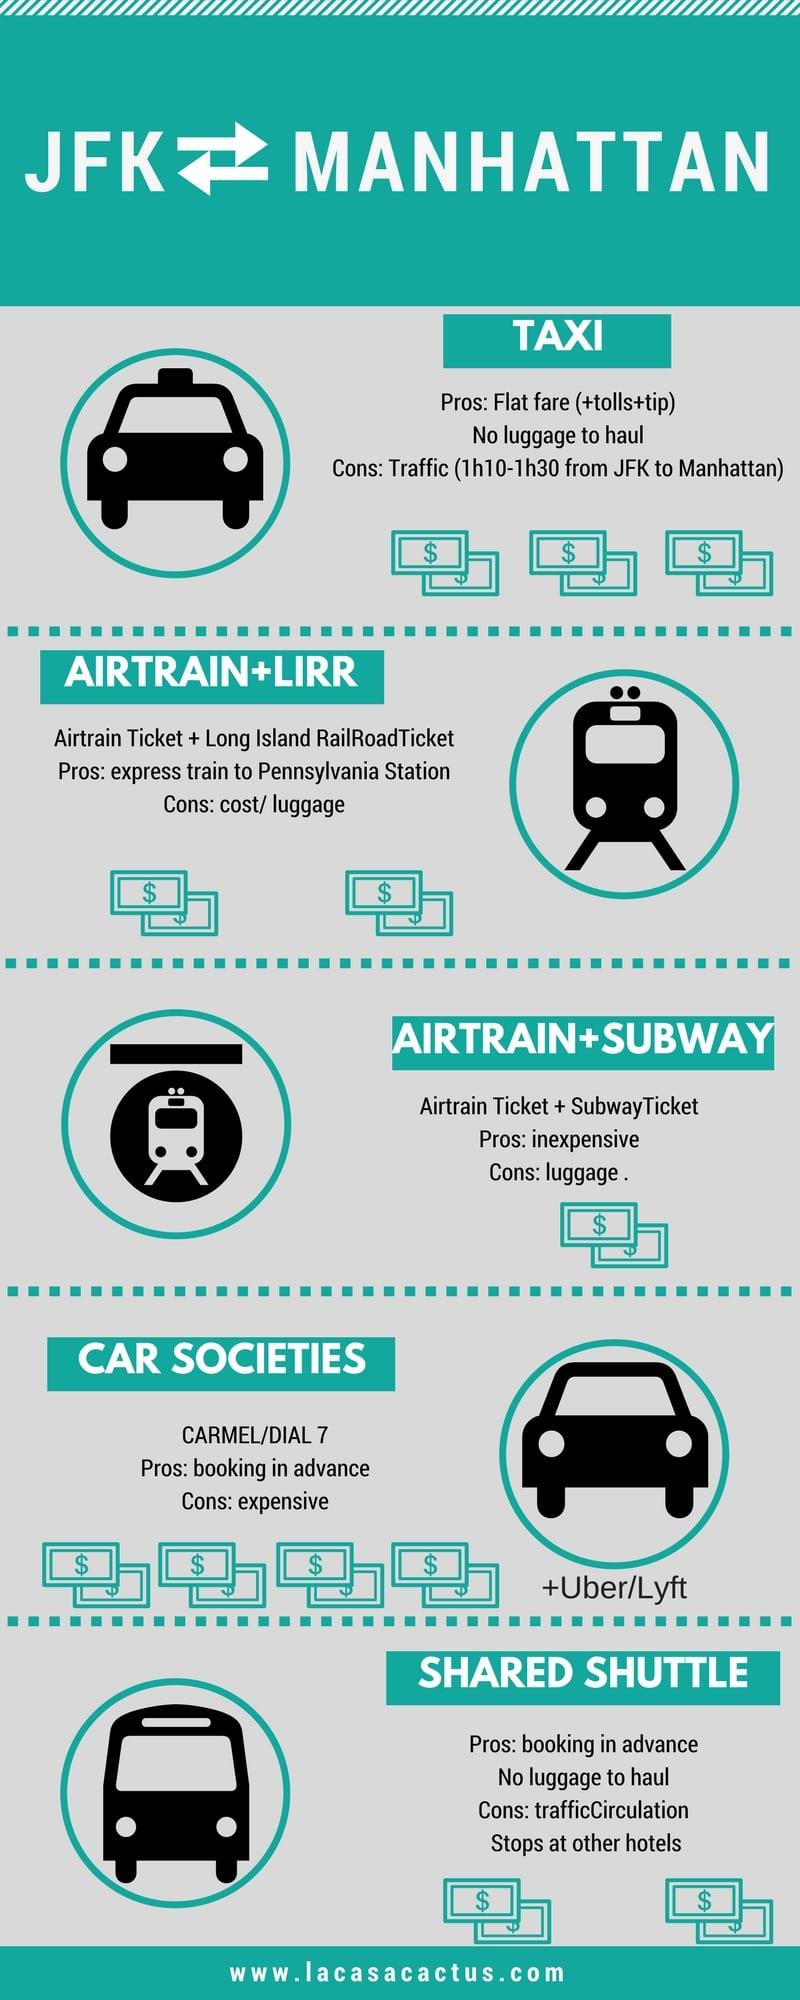 JFK airport to Manhattan infographics